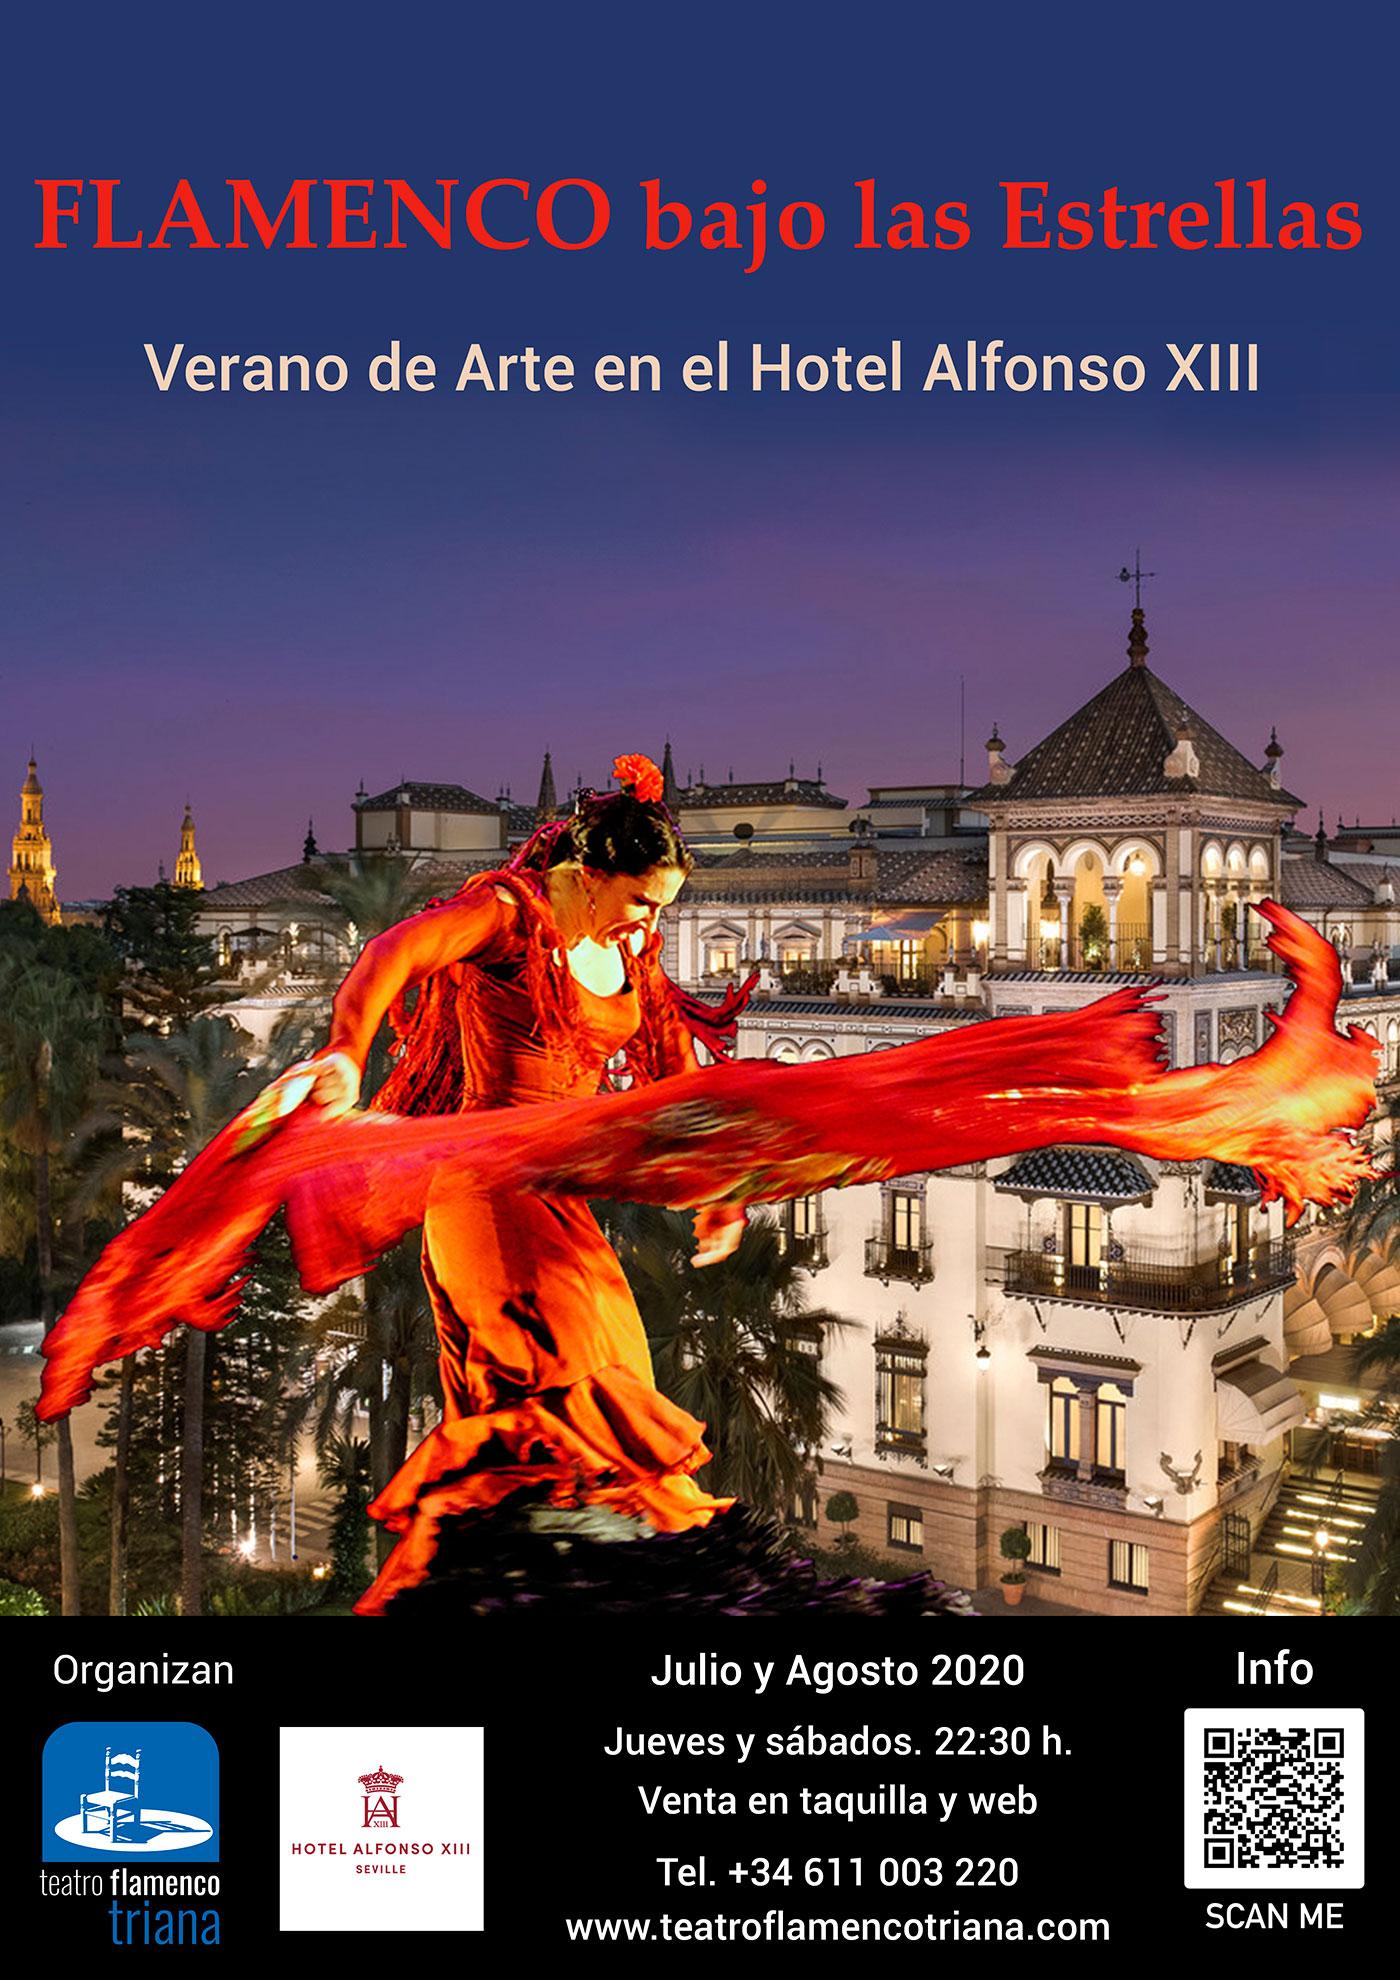 Flamenco bajo las Estrellas